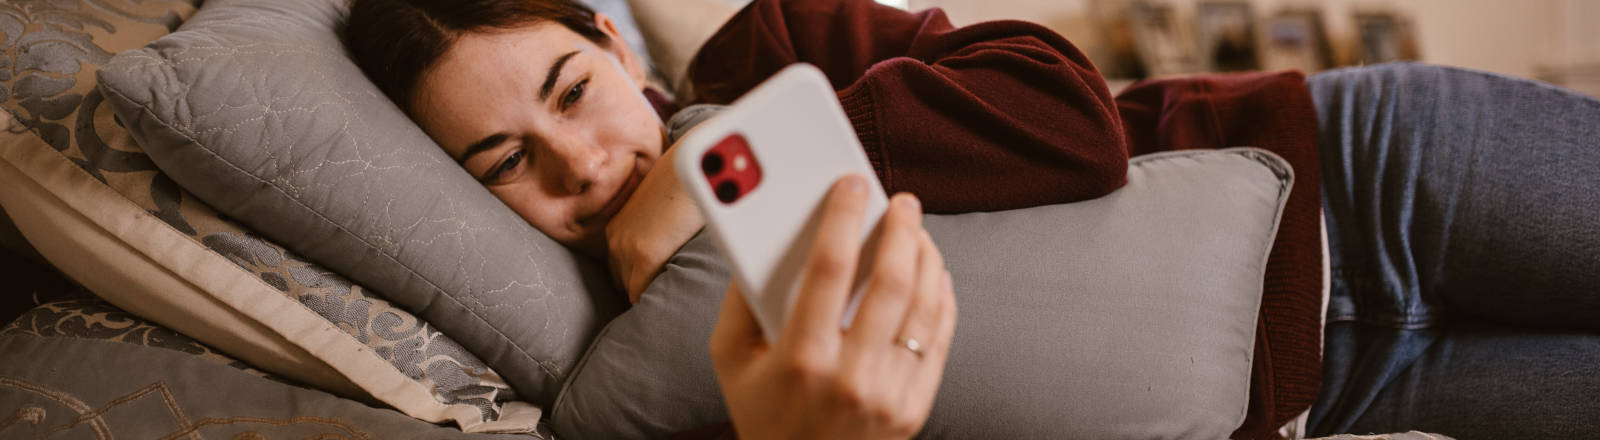 Eine Frau liegt mit Smartphone in der Hand im Bett